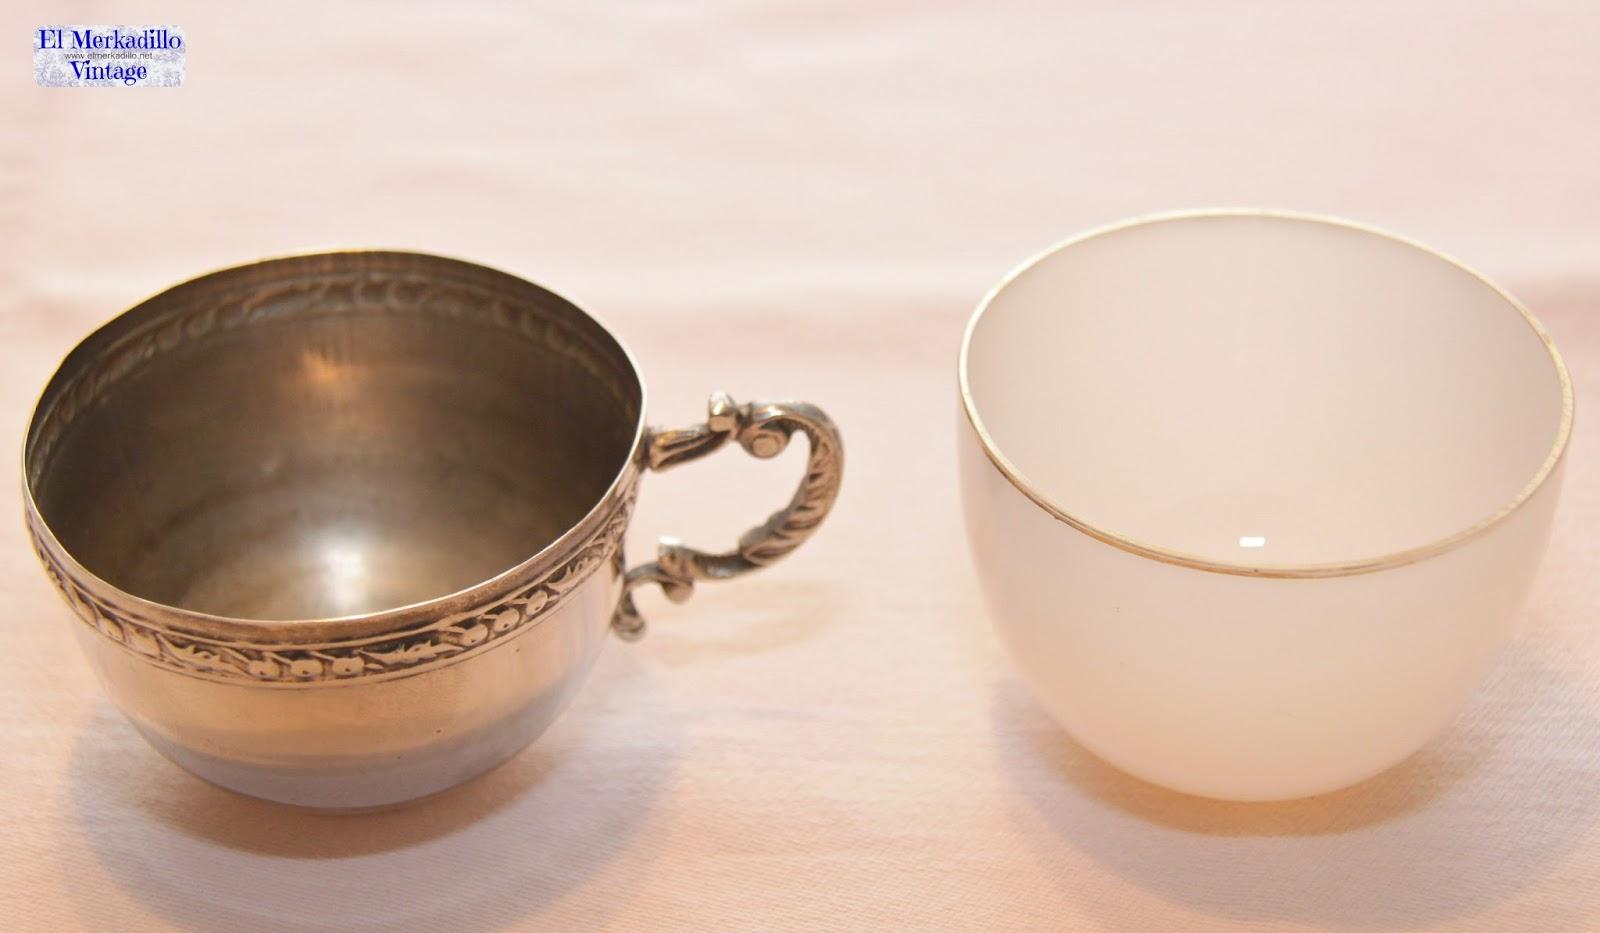 Juego de tazas caf de alpaca vendido el merkadillo for Juego tazas cafe